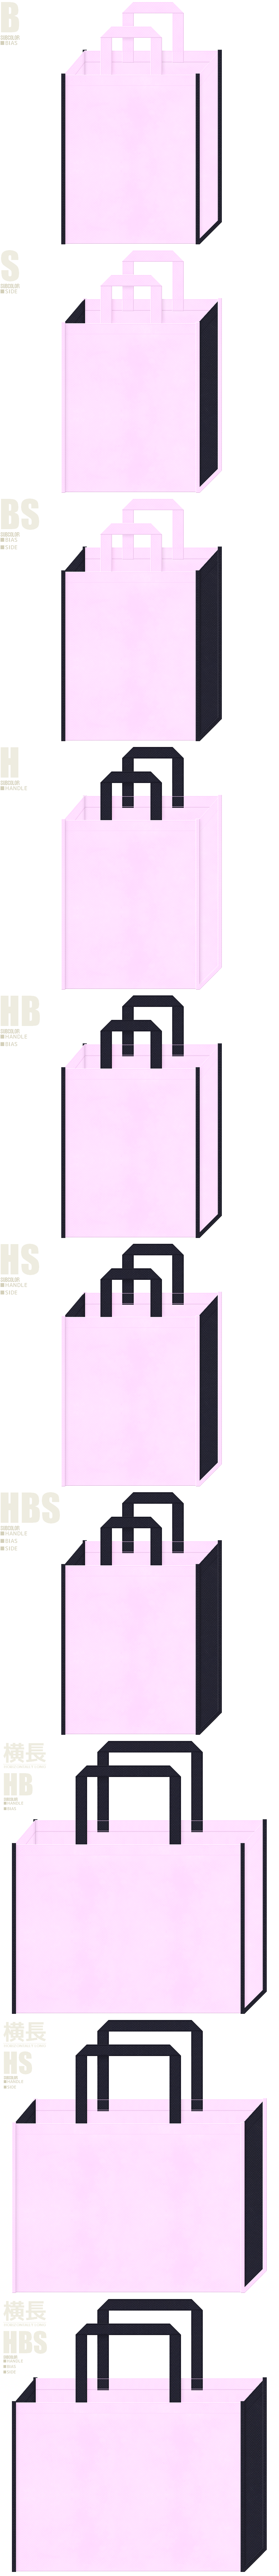 ユニフォーム・運動靴・アウトドア・スポーツイベント・学校・学園・オープンキャンパス・学習塾・レッスンバッグにお奨めの不織布バッグデザイン:明るいピンク色と濃紺色の配色7パターン。